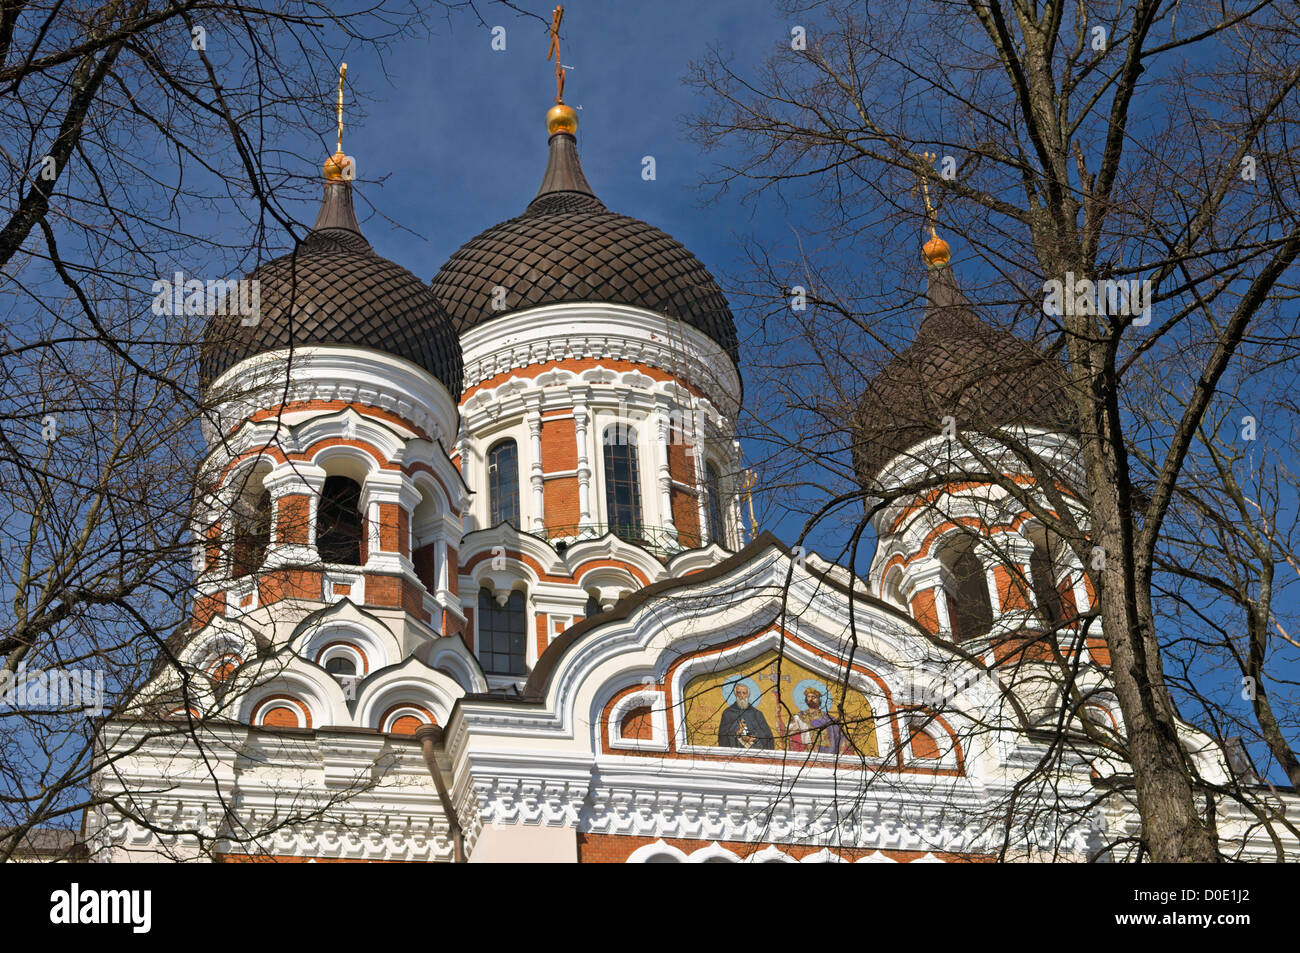 Cathédrale Alexandre Nevski Estonie Tallinn Toompea Banque D'Images